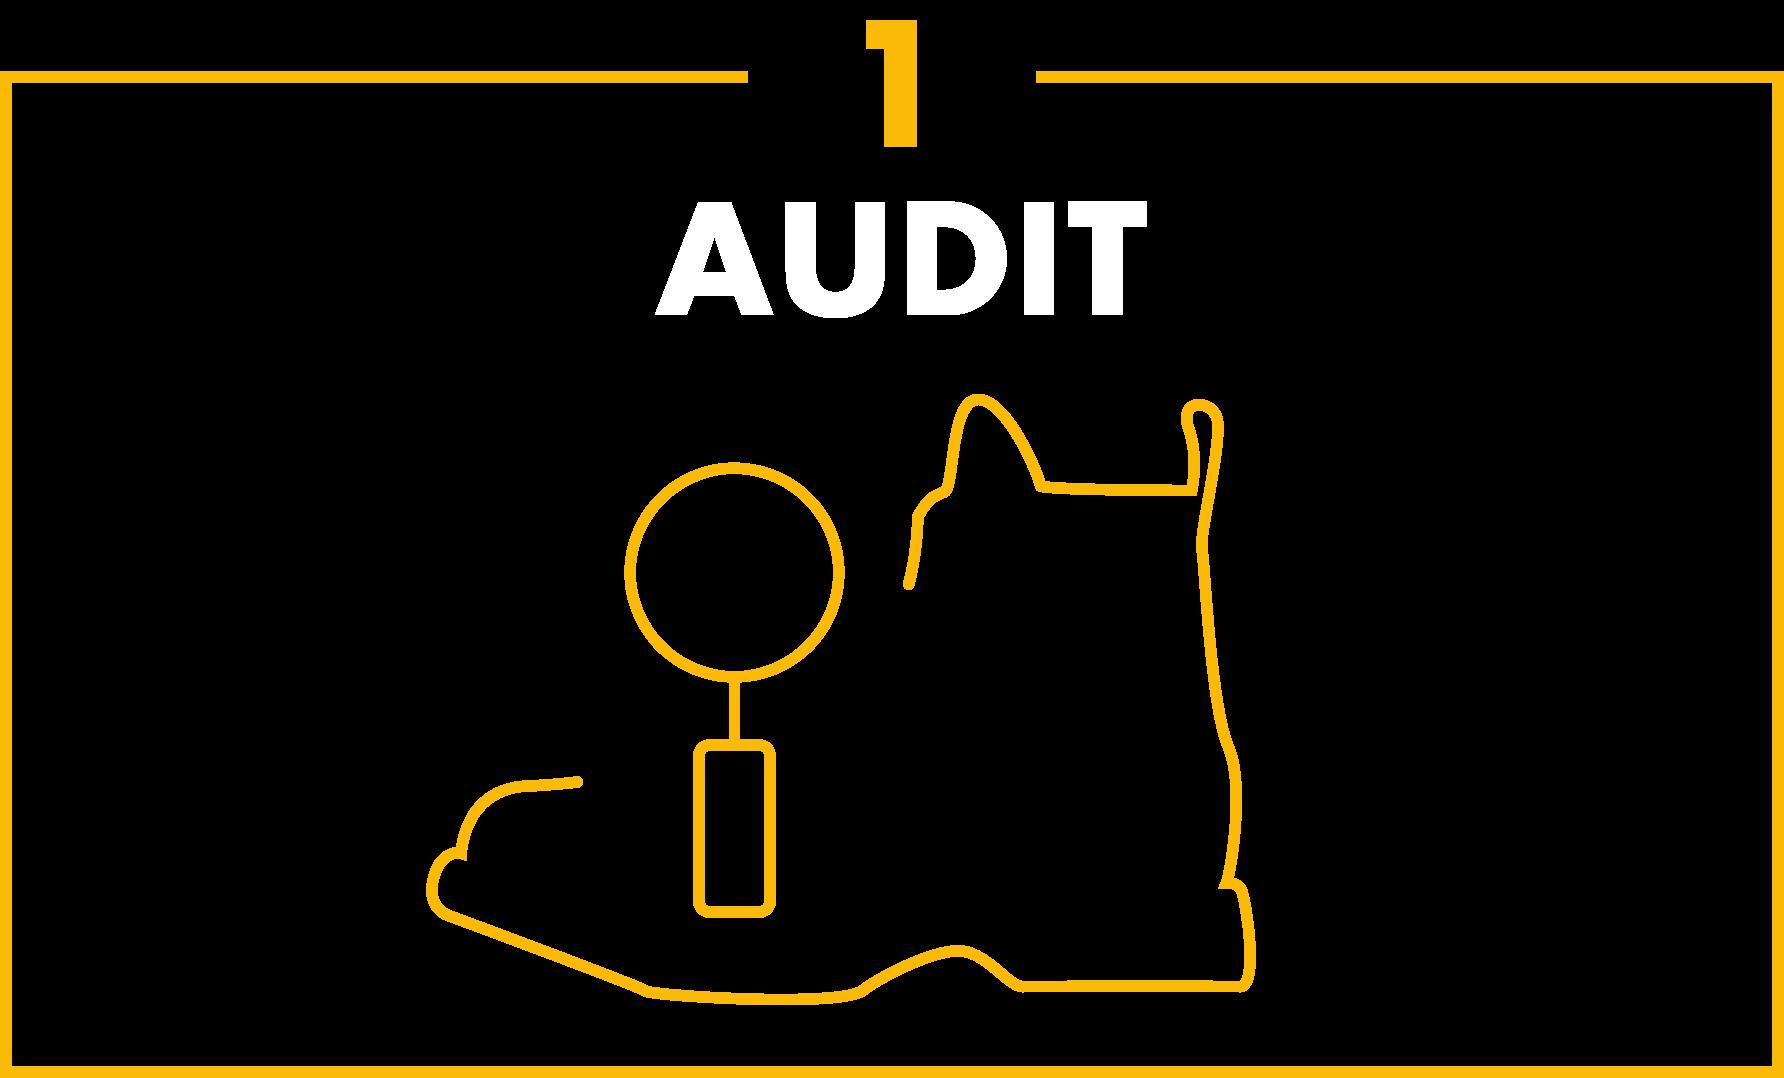 Audit p1 1